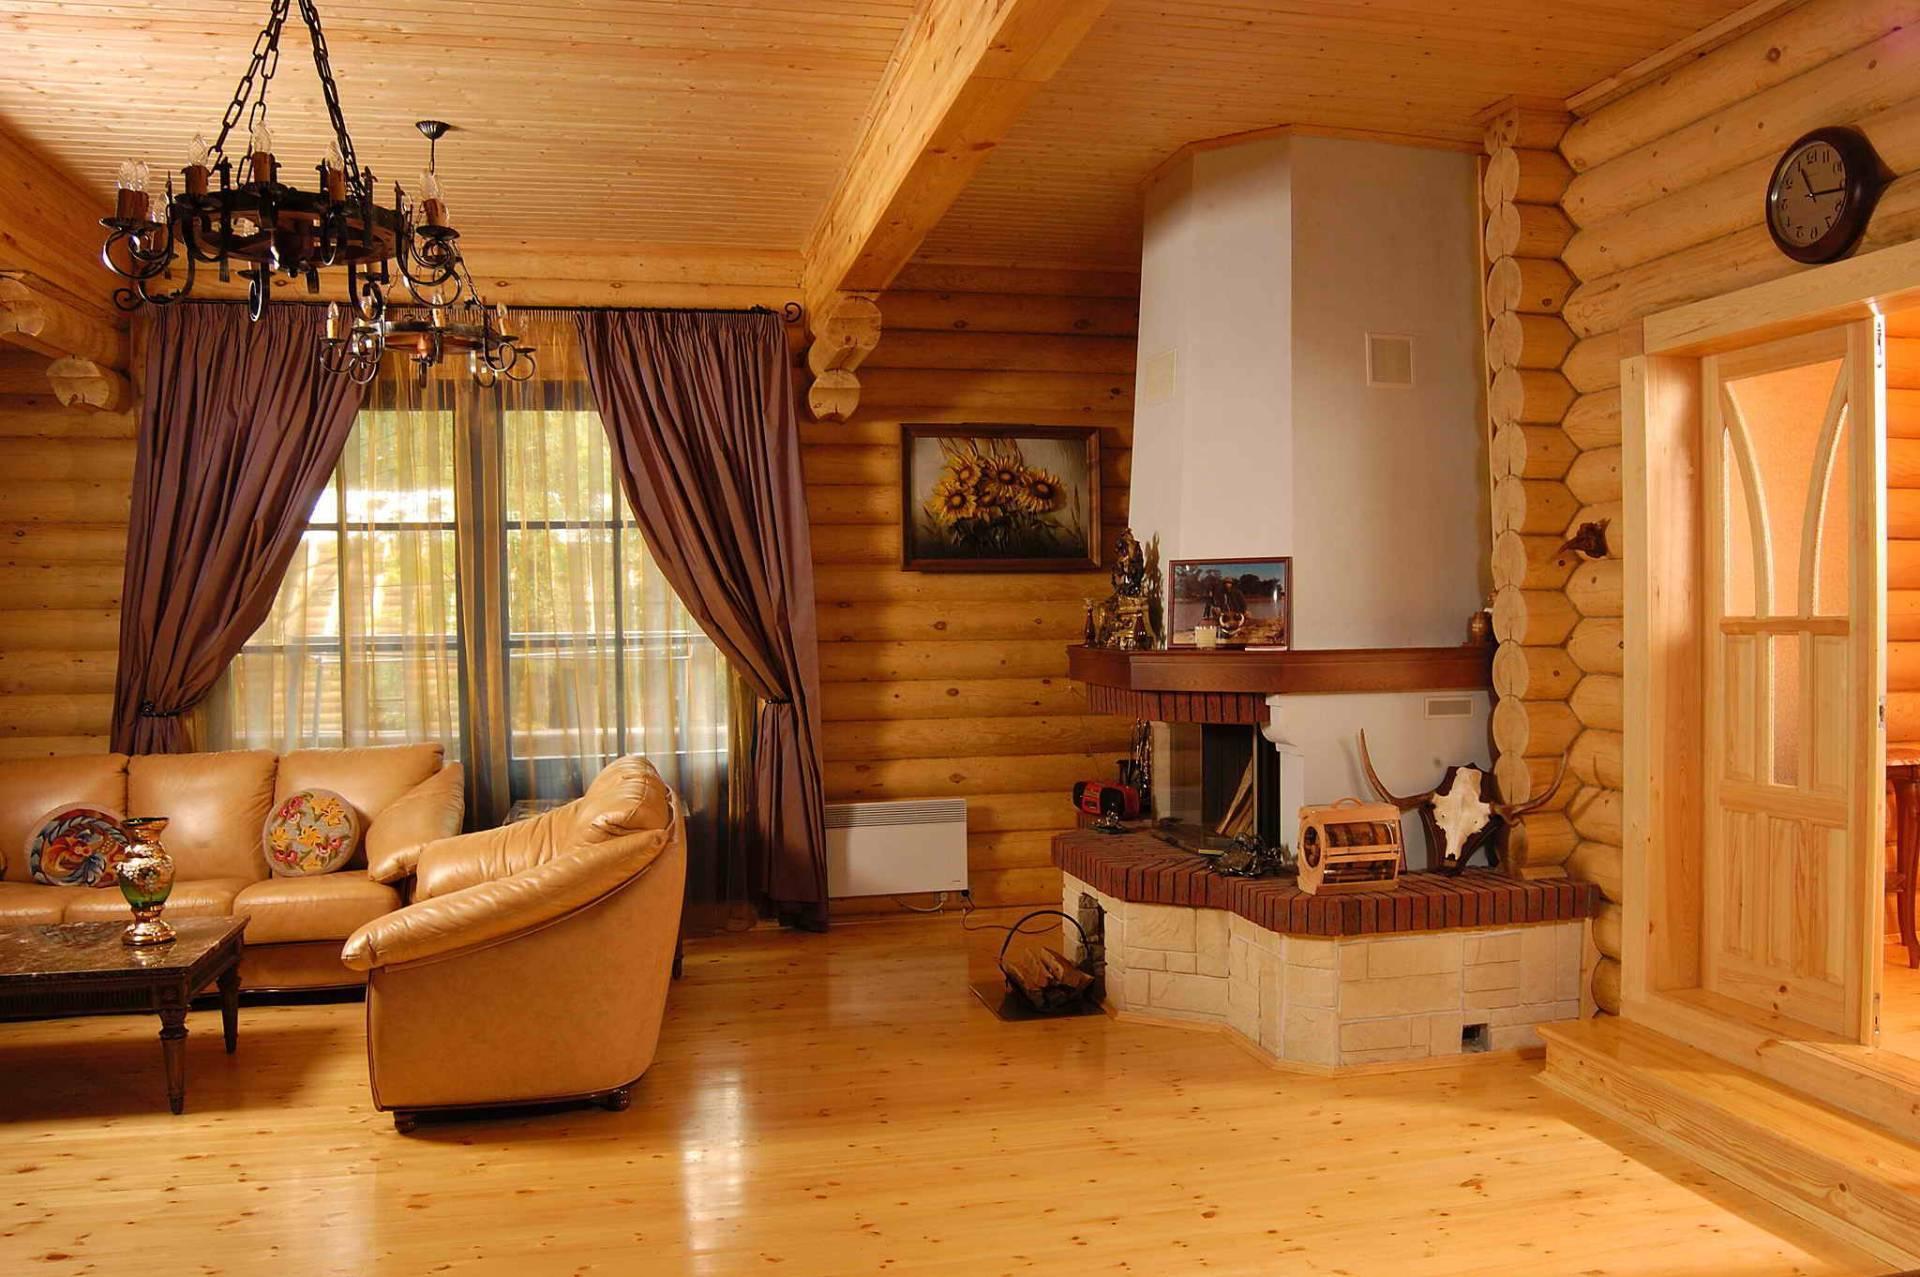 Интерьер деревянного дома: лучшие варианты современного дизайна